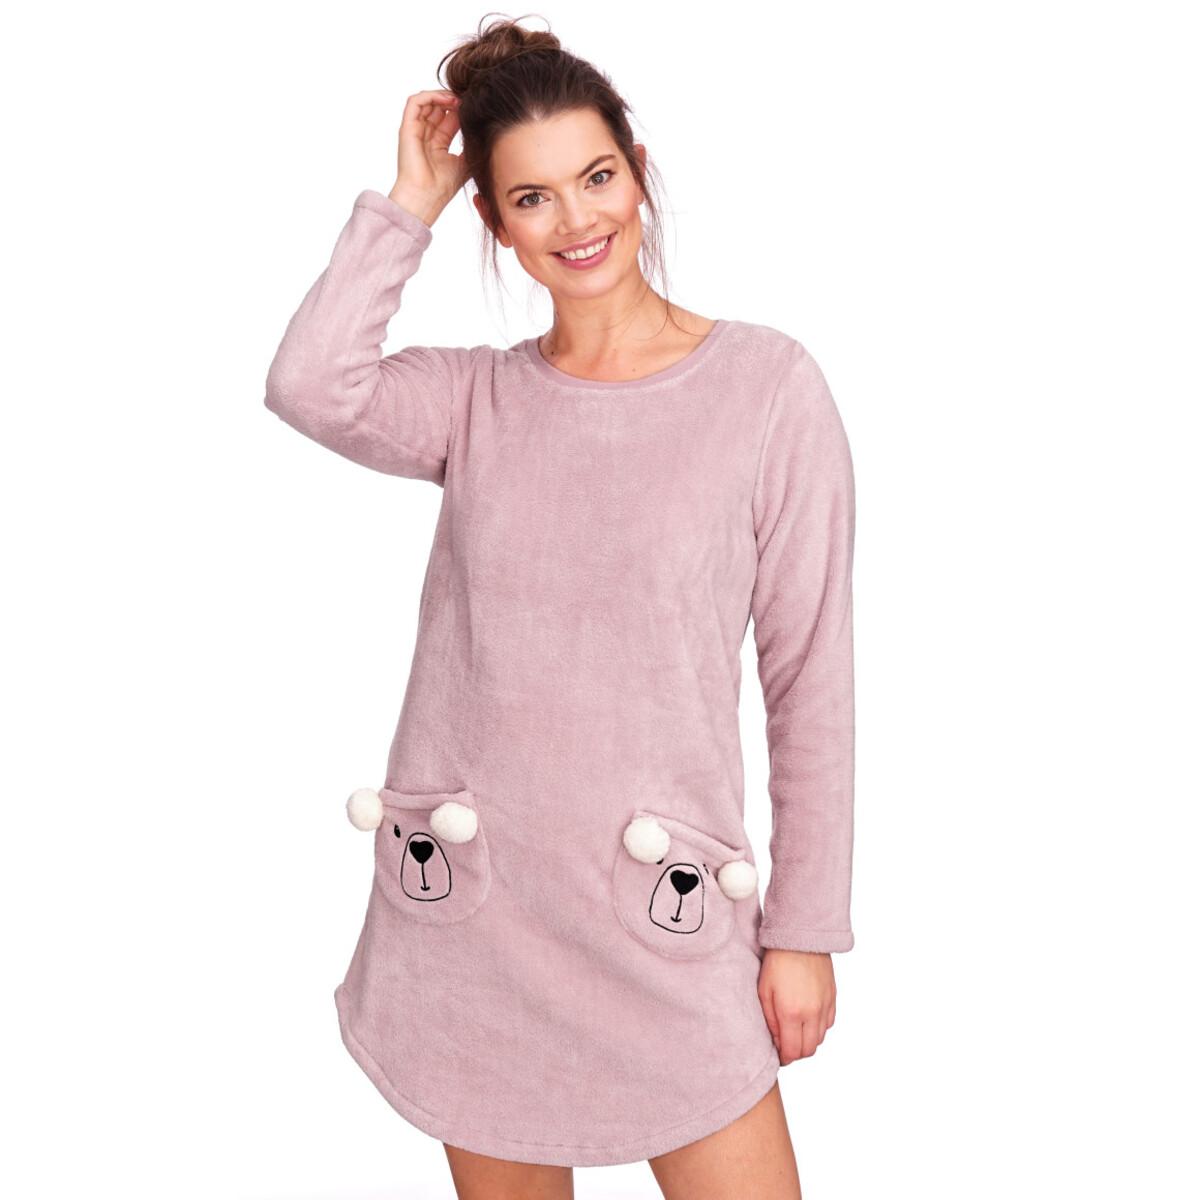 Bild 2 von Damen Fleece-Kleid mit zwei Taschen